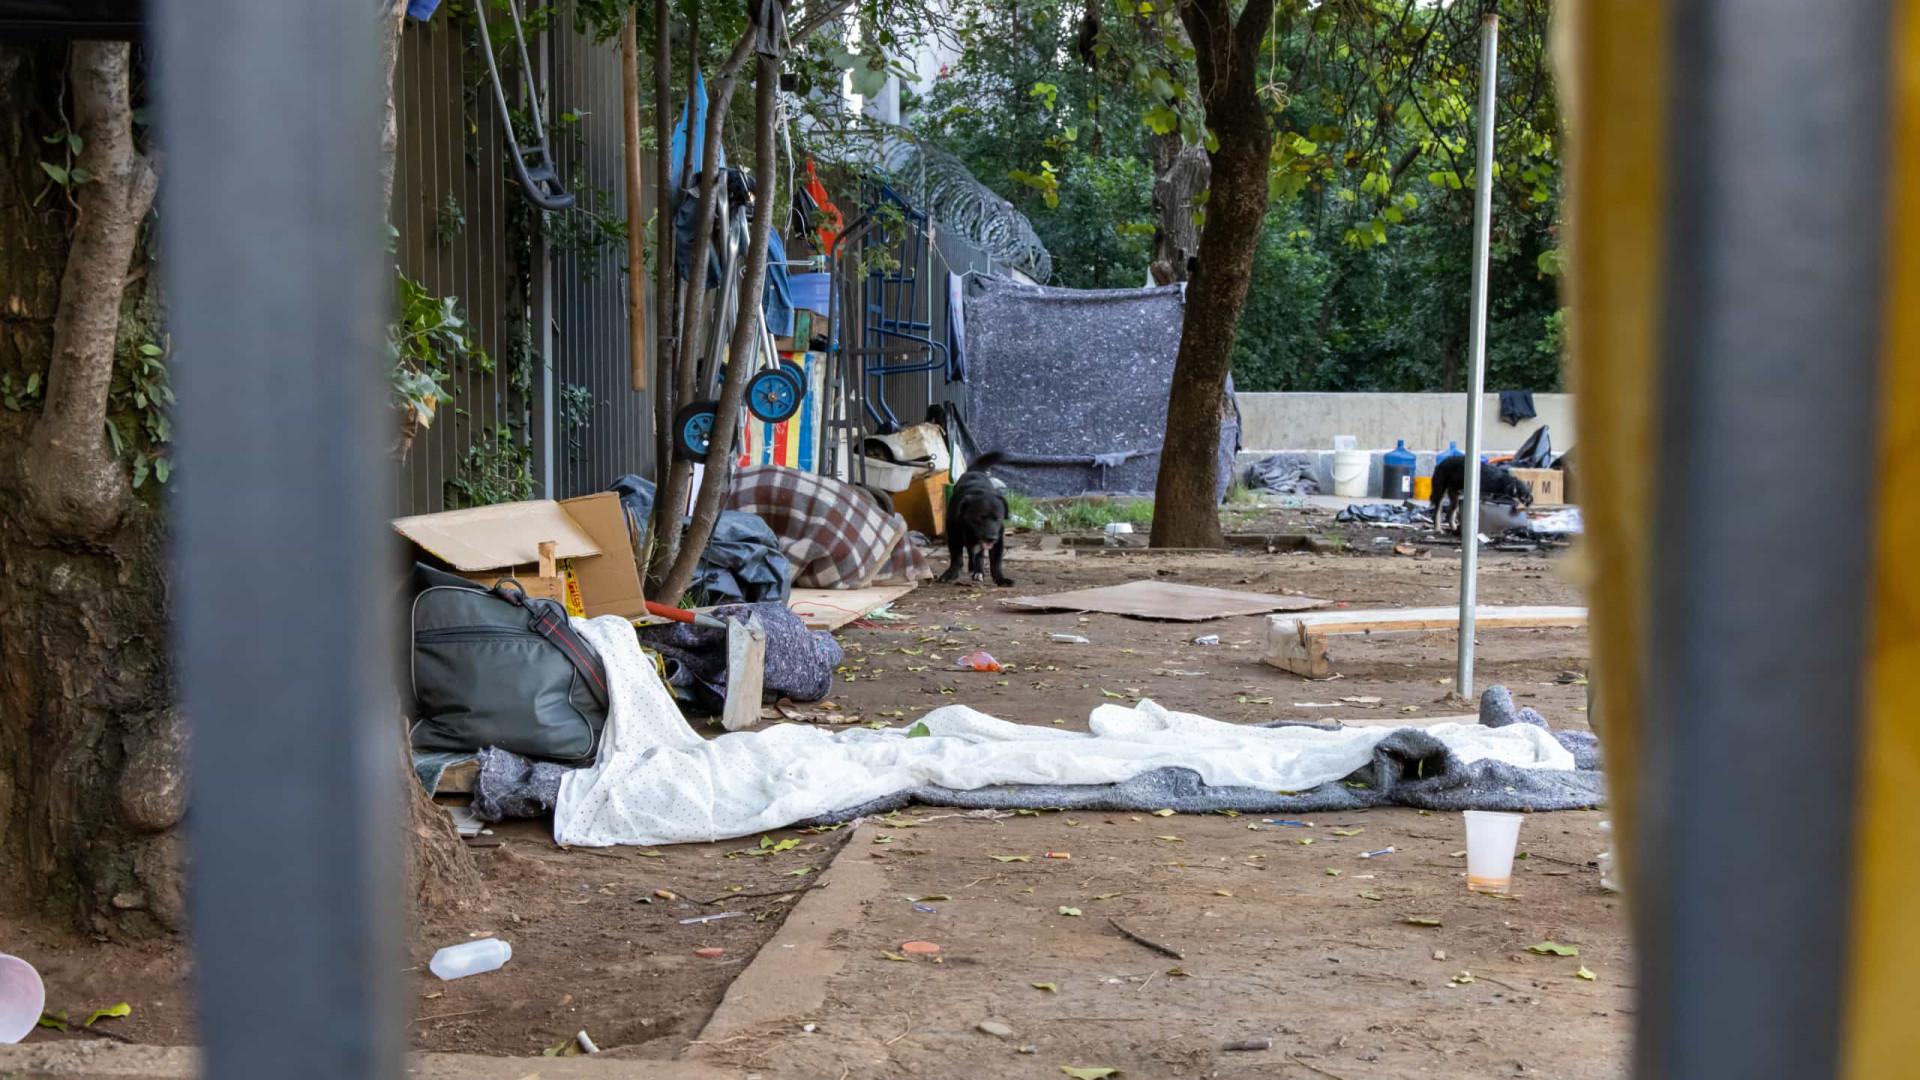 Após madrugada fria, corpo é encontrado no centro de São Paulo